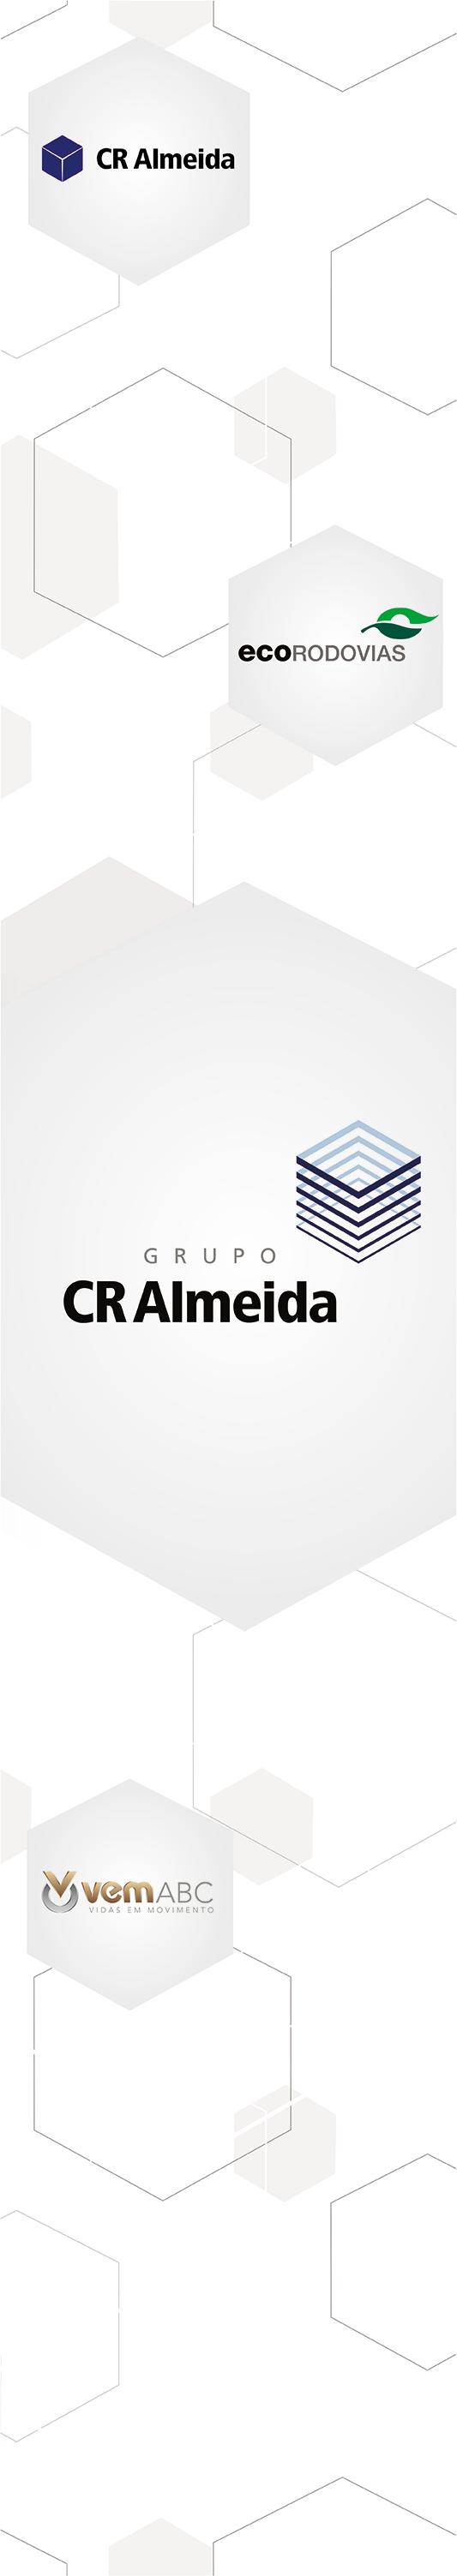 CR Almeida